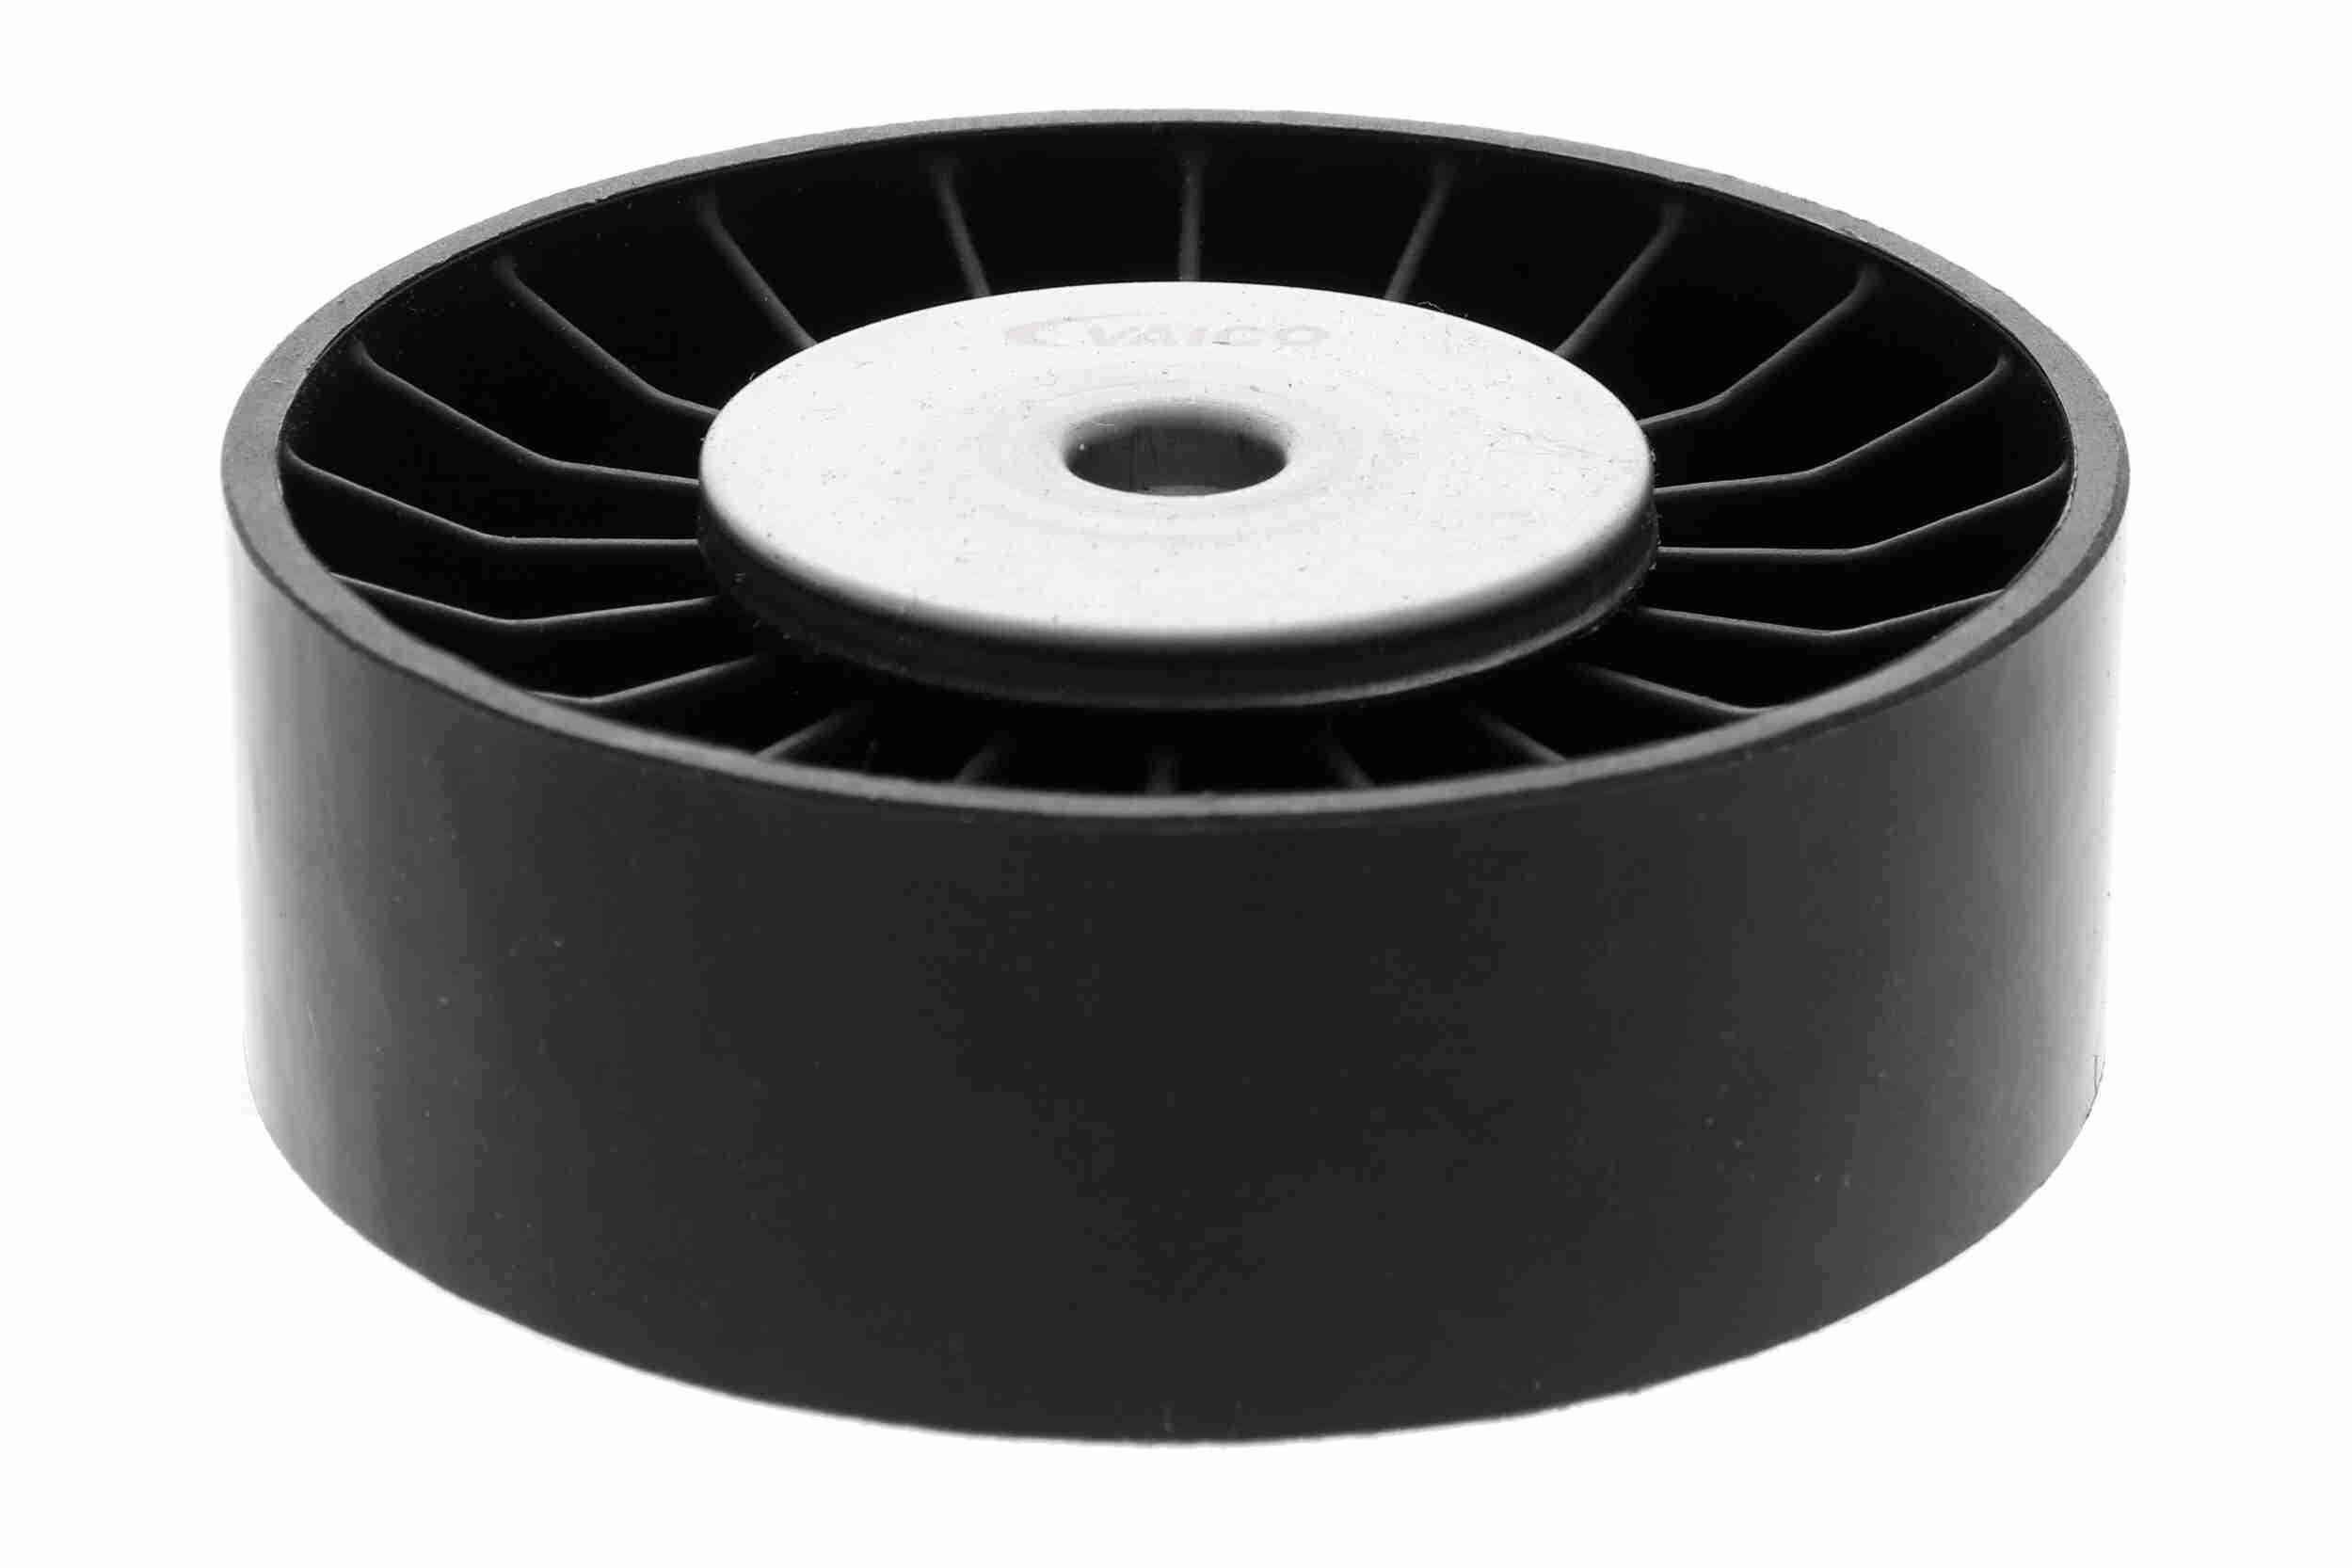 Poulie renvoi / transmission, courroie trapézoïdale à nervures VAICO V50-1019 : achetez à prix raisonnables